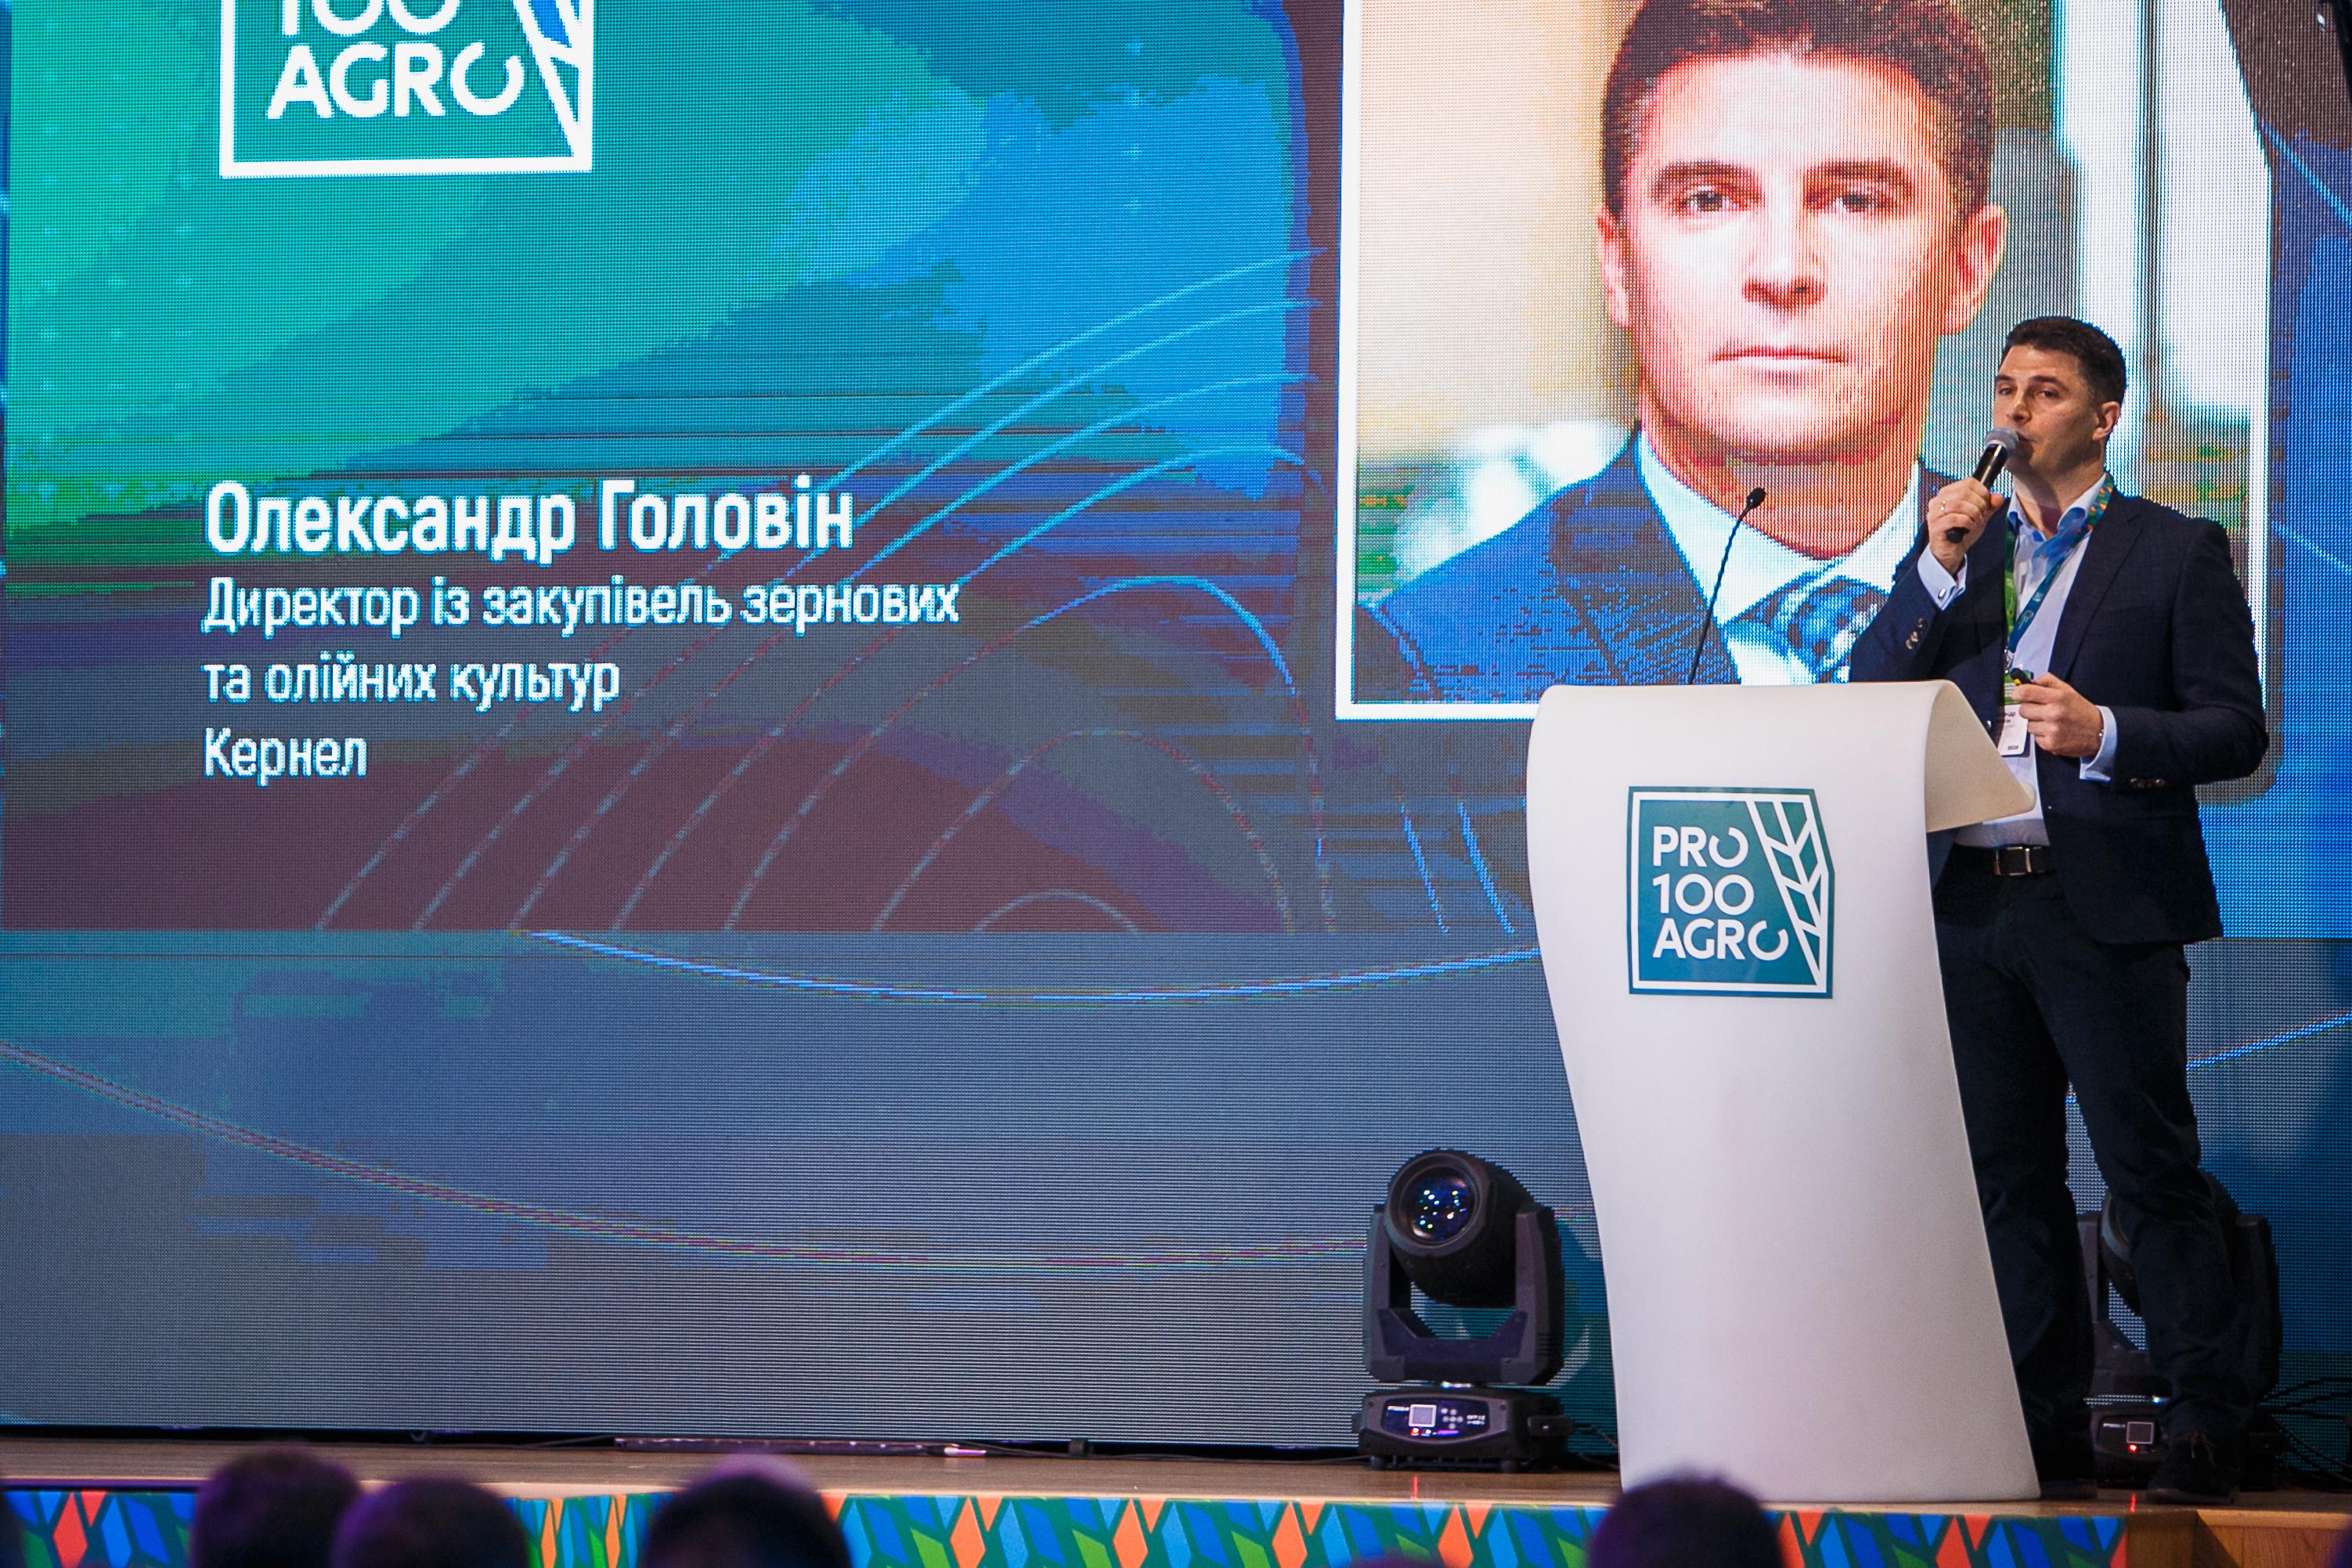 100 млн тонн зерновых - аграрный прорыв Украины